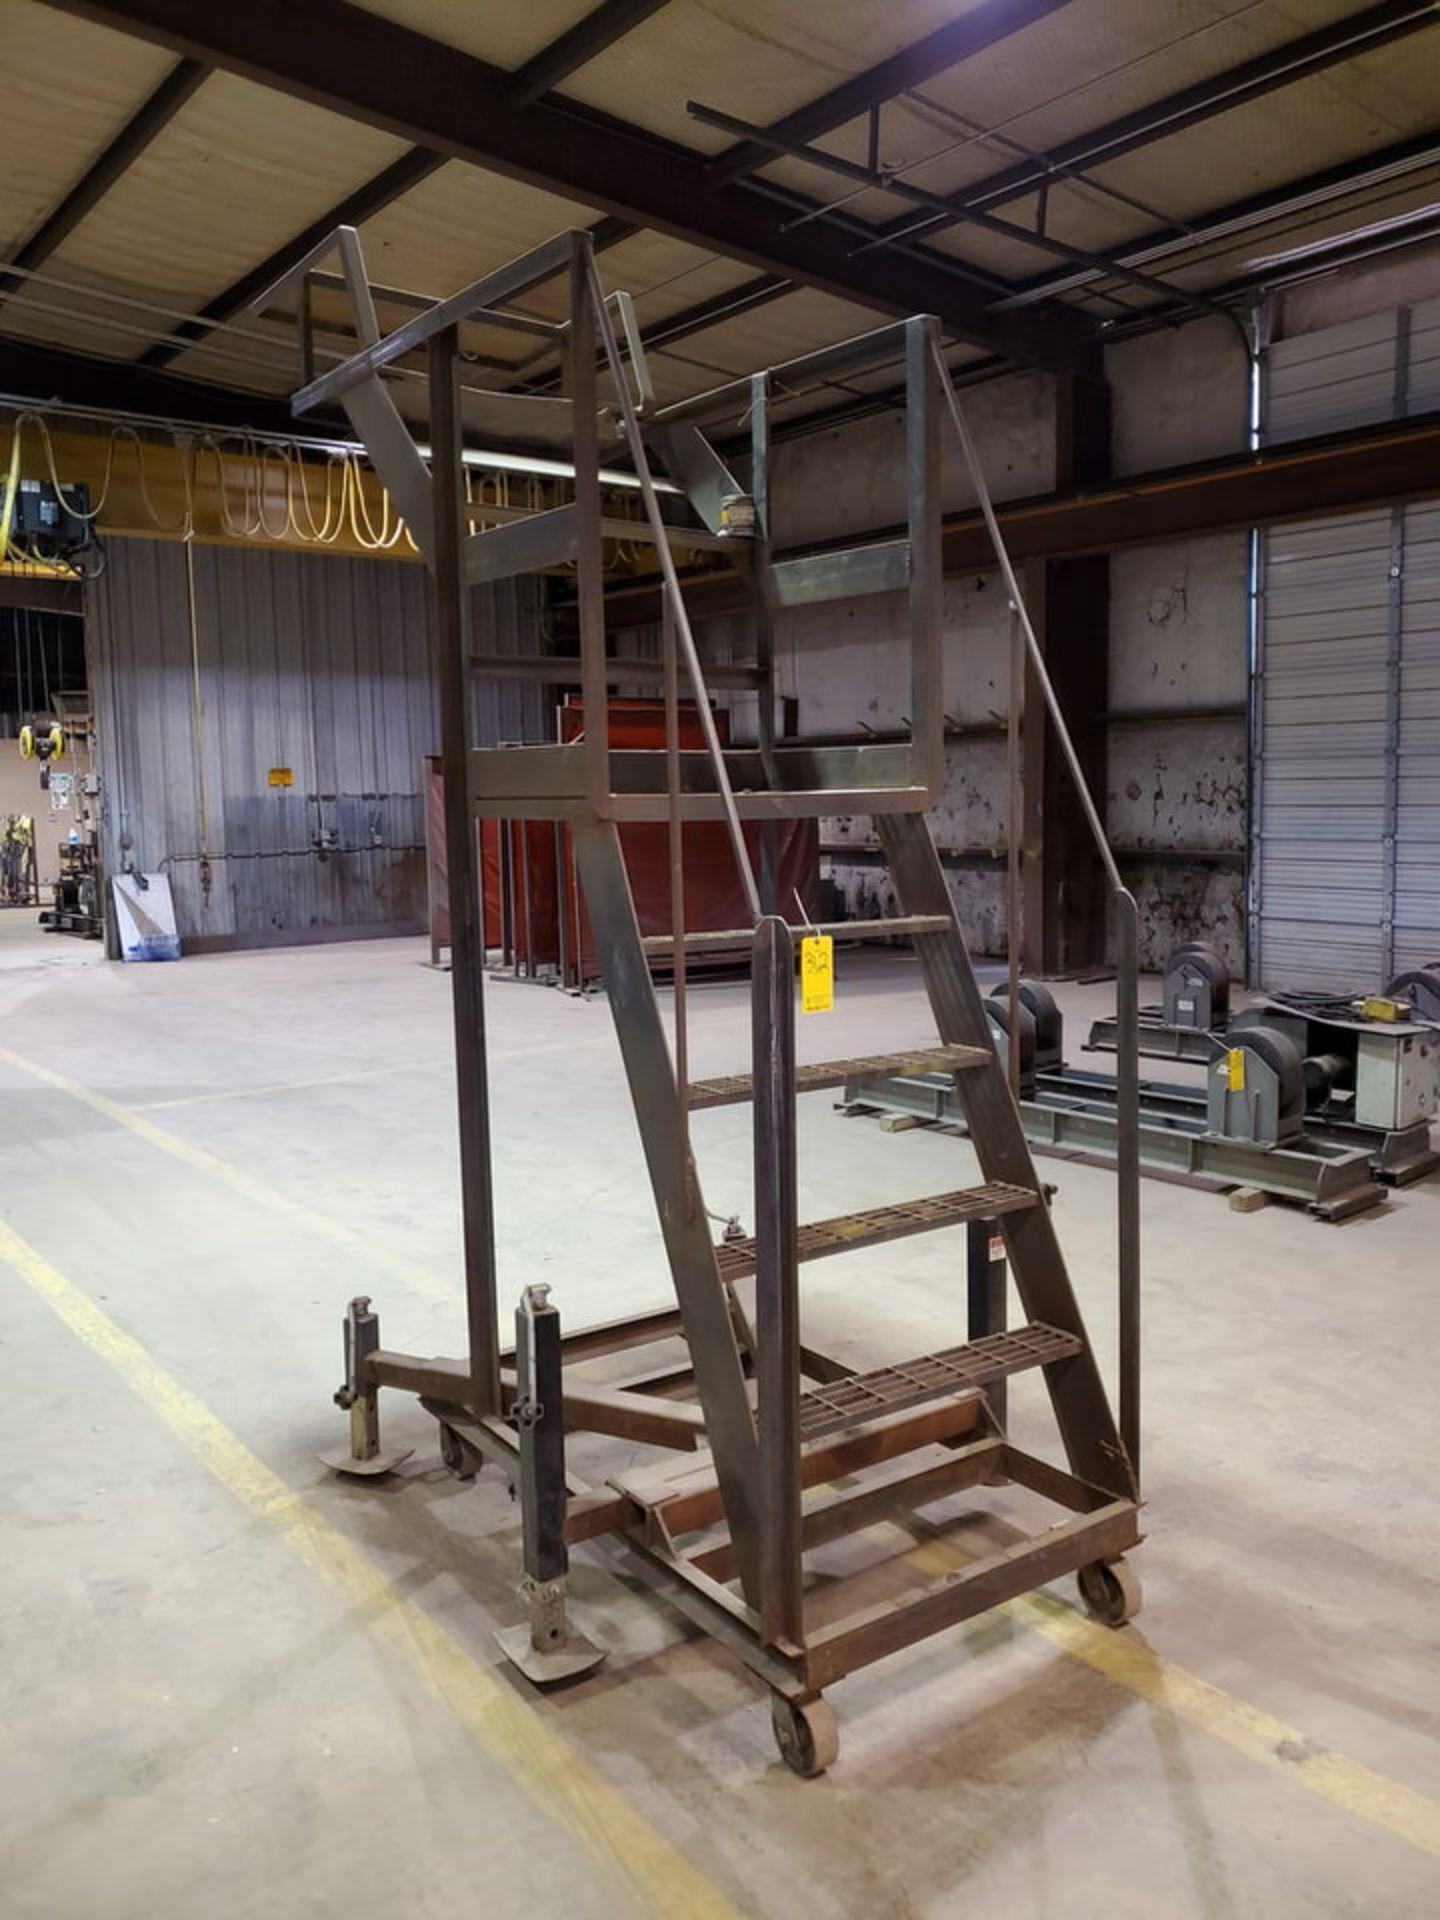 """Stl 4-Step Roling Platform Ladder 6' x 4'6"""" x 10'H; 7K Cap. - Image 3 of 8"""